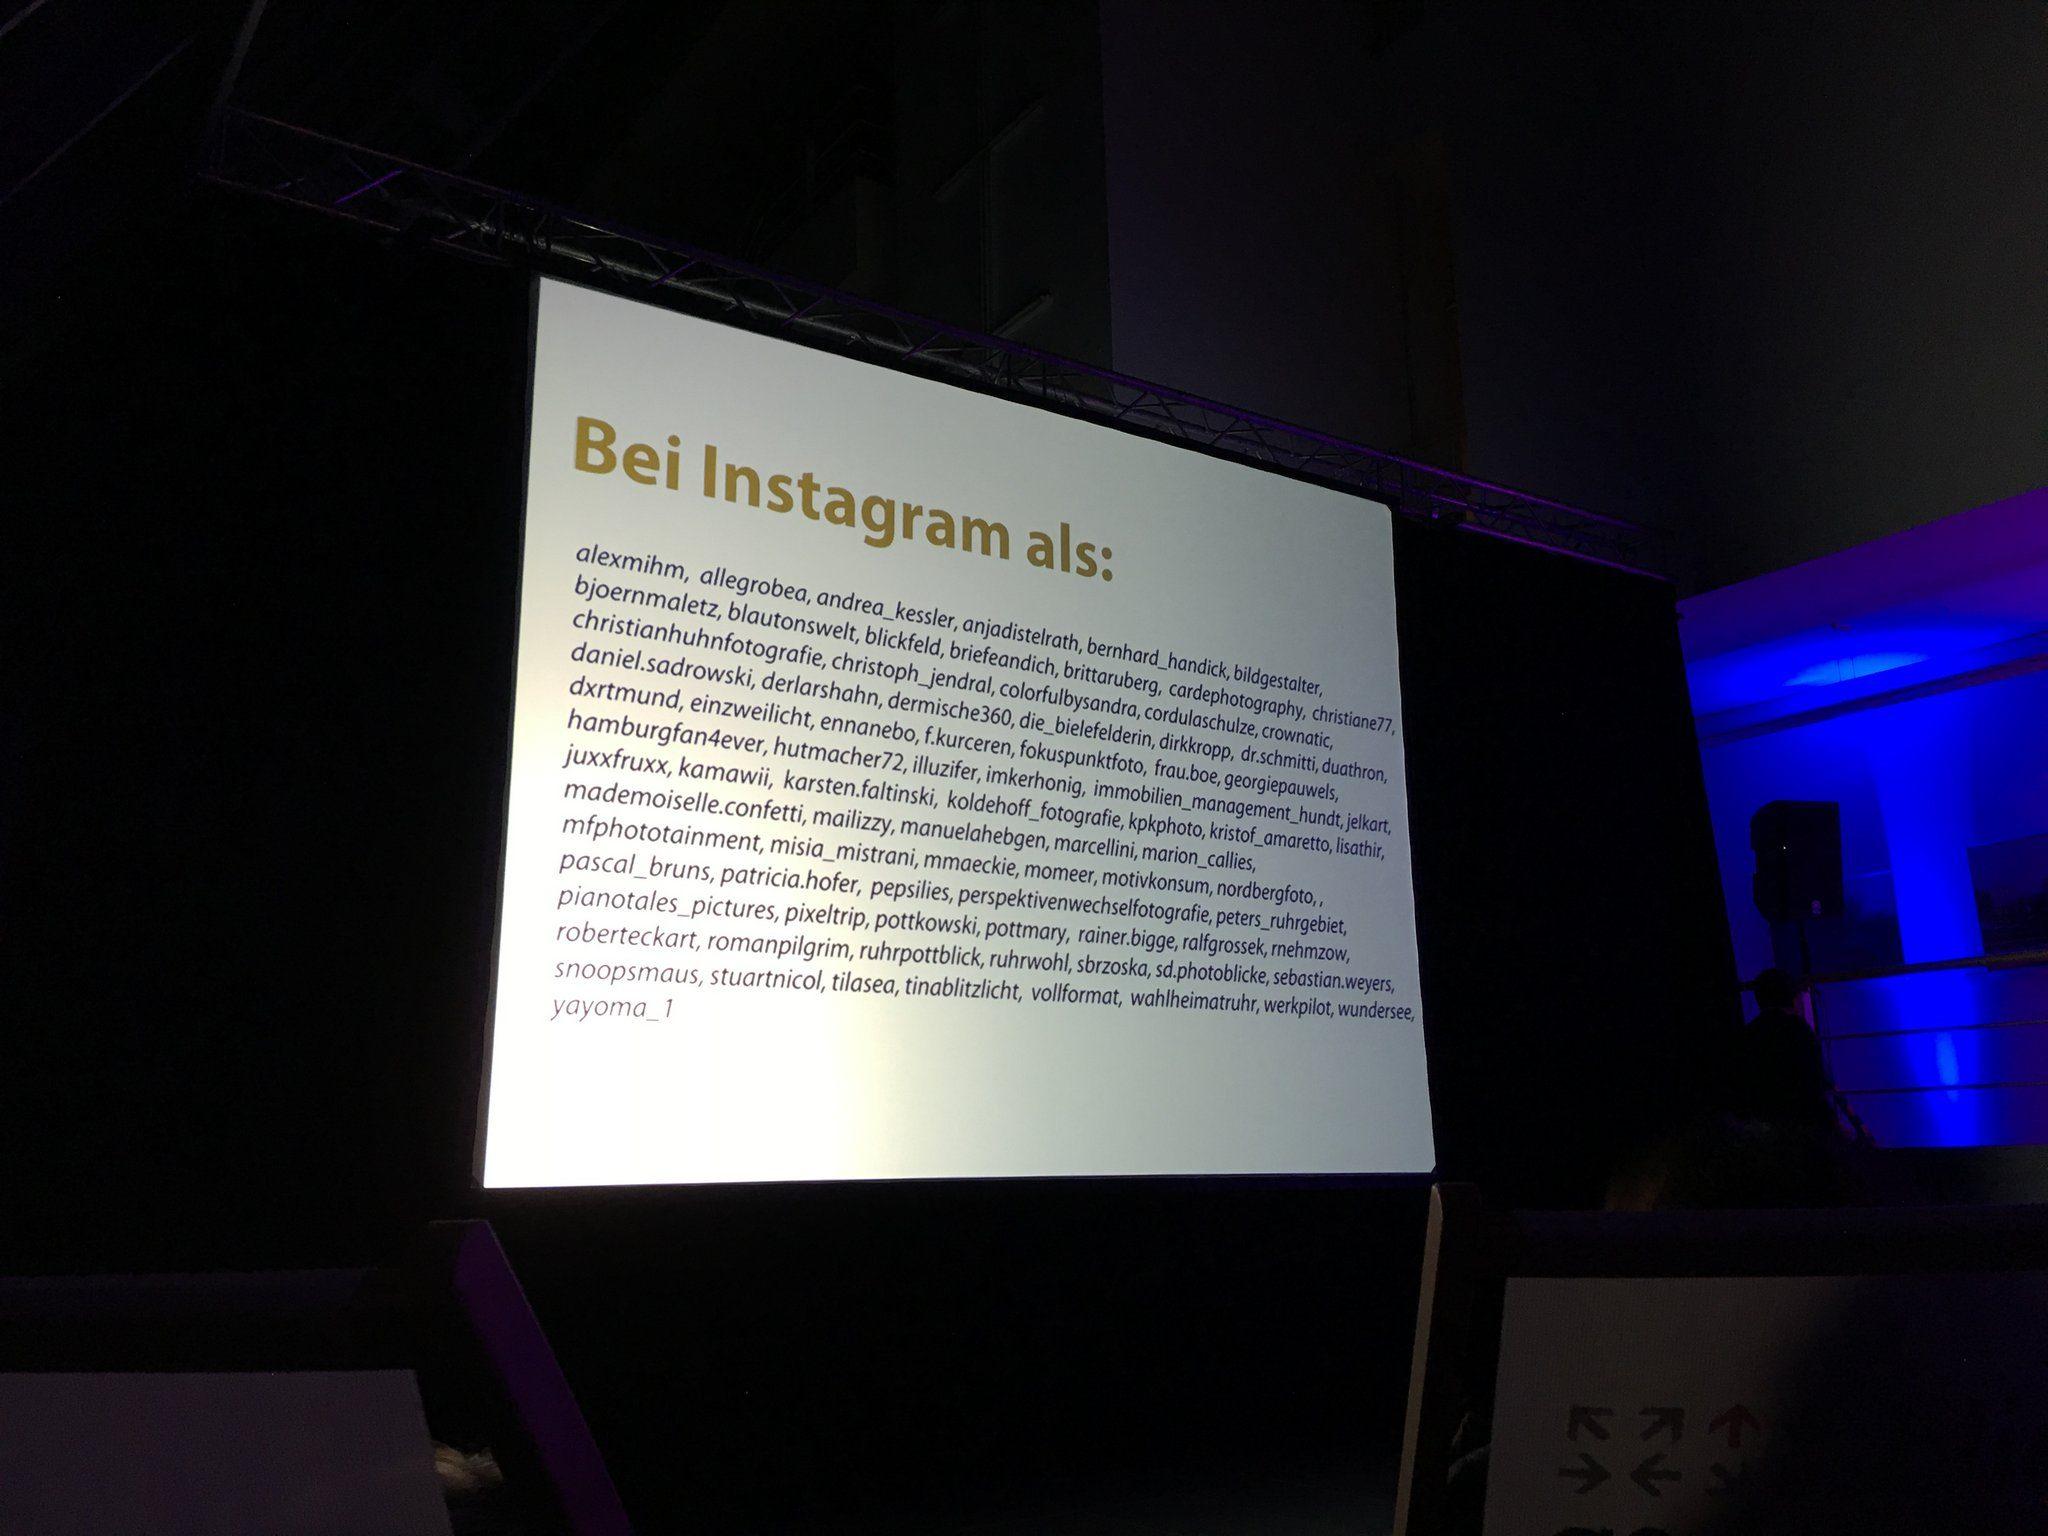 ...und das hier sind ihre Instagram-Namen.